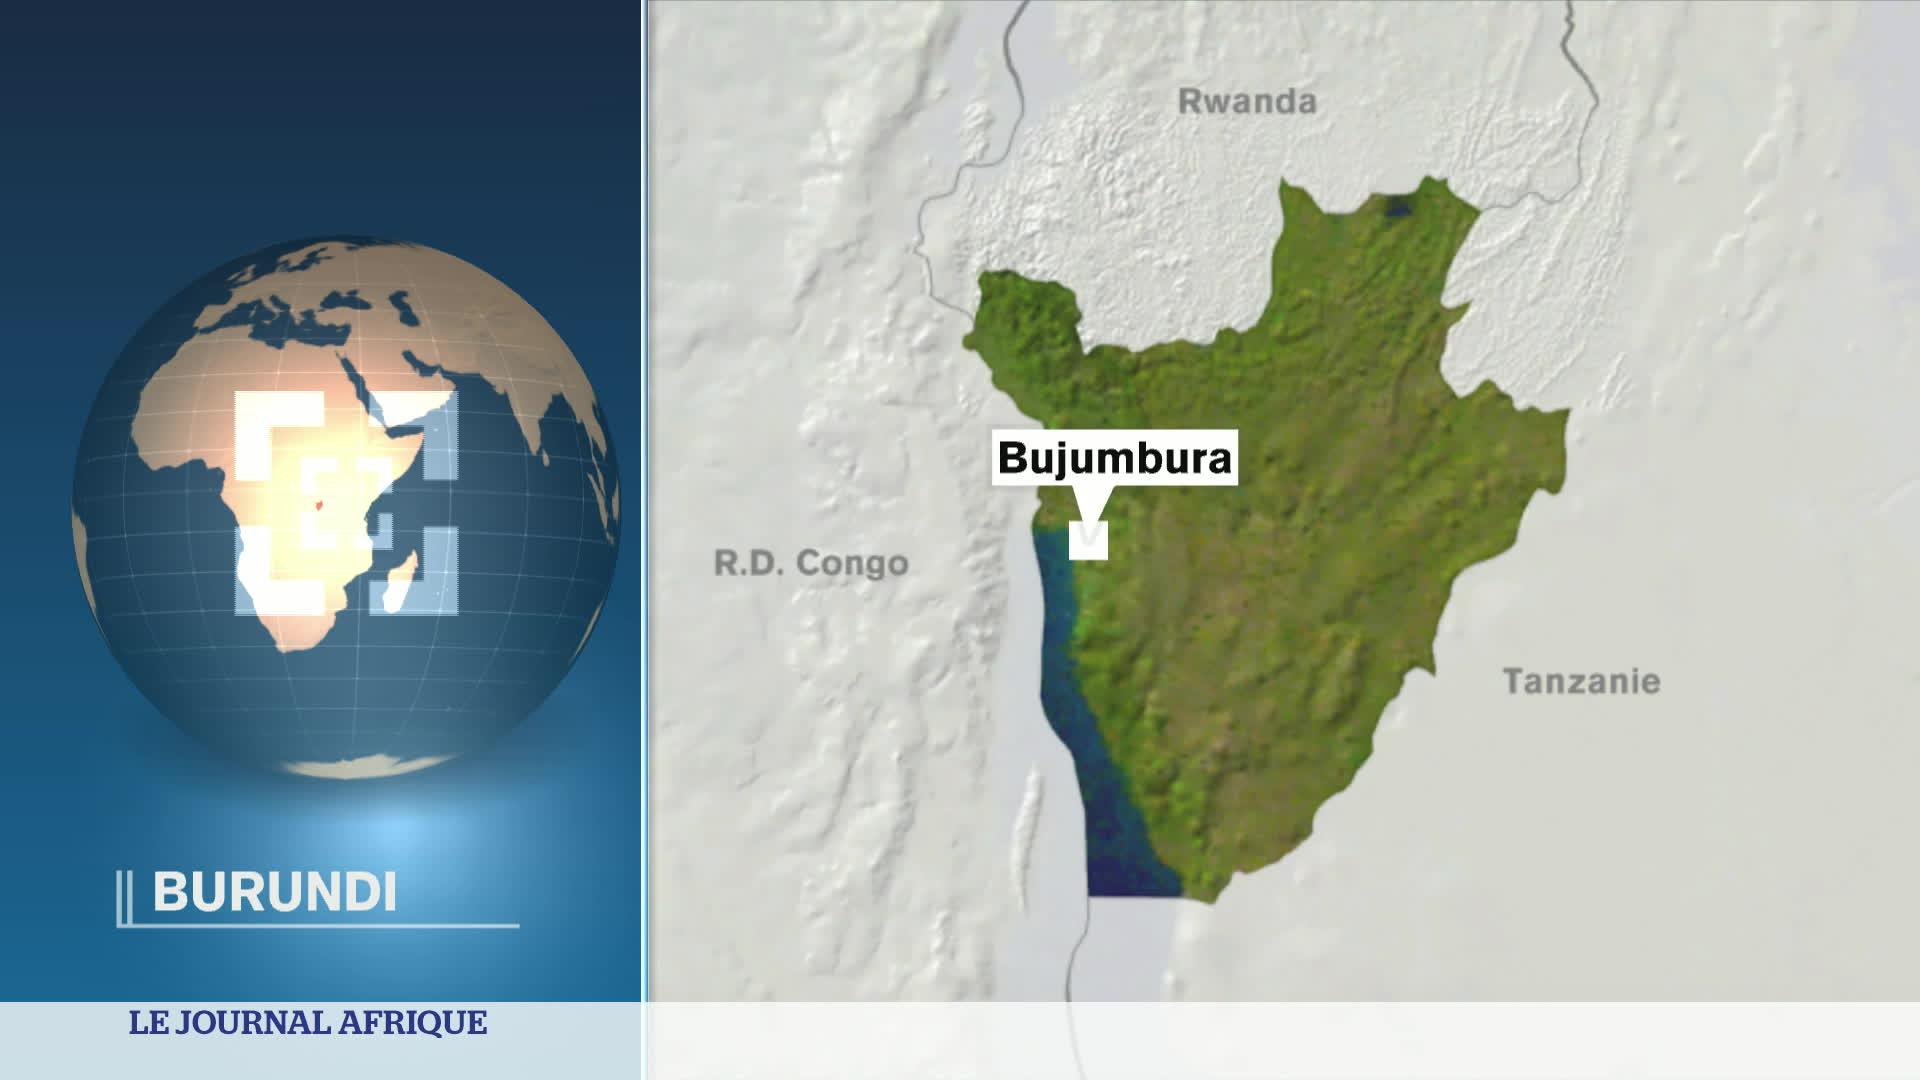 Burundi : le pays touché par une épidémie de paludisme